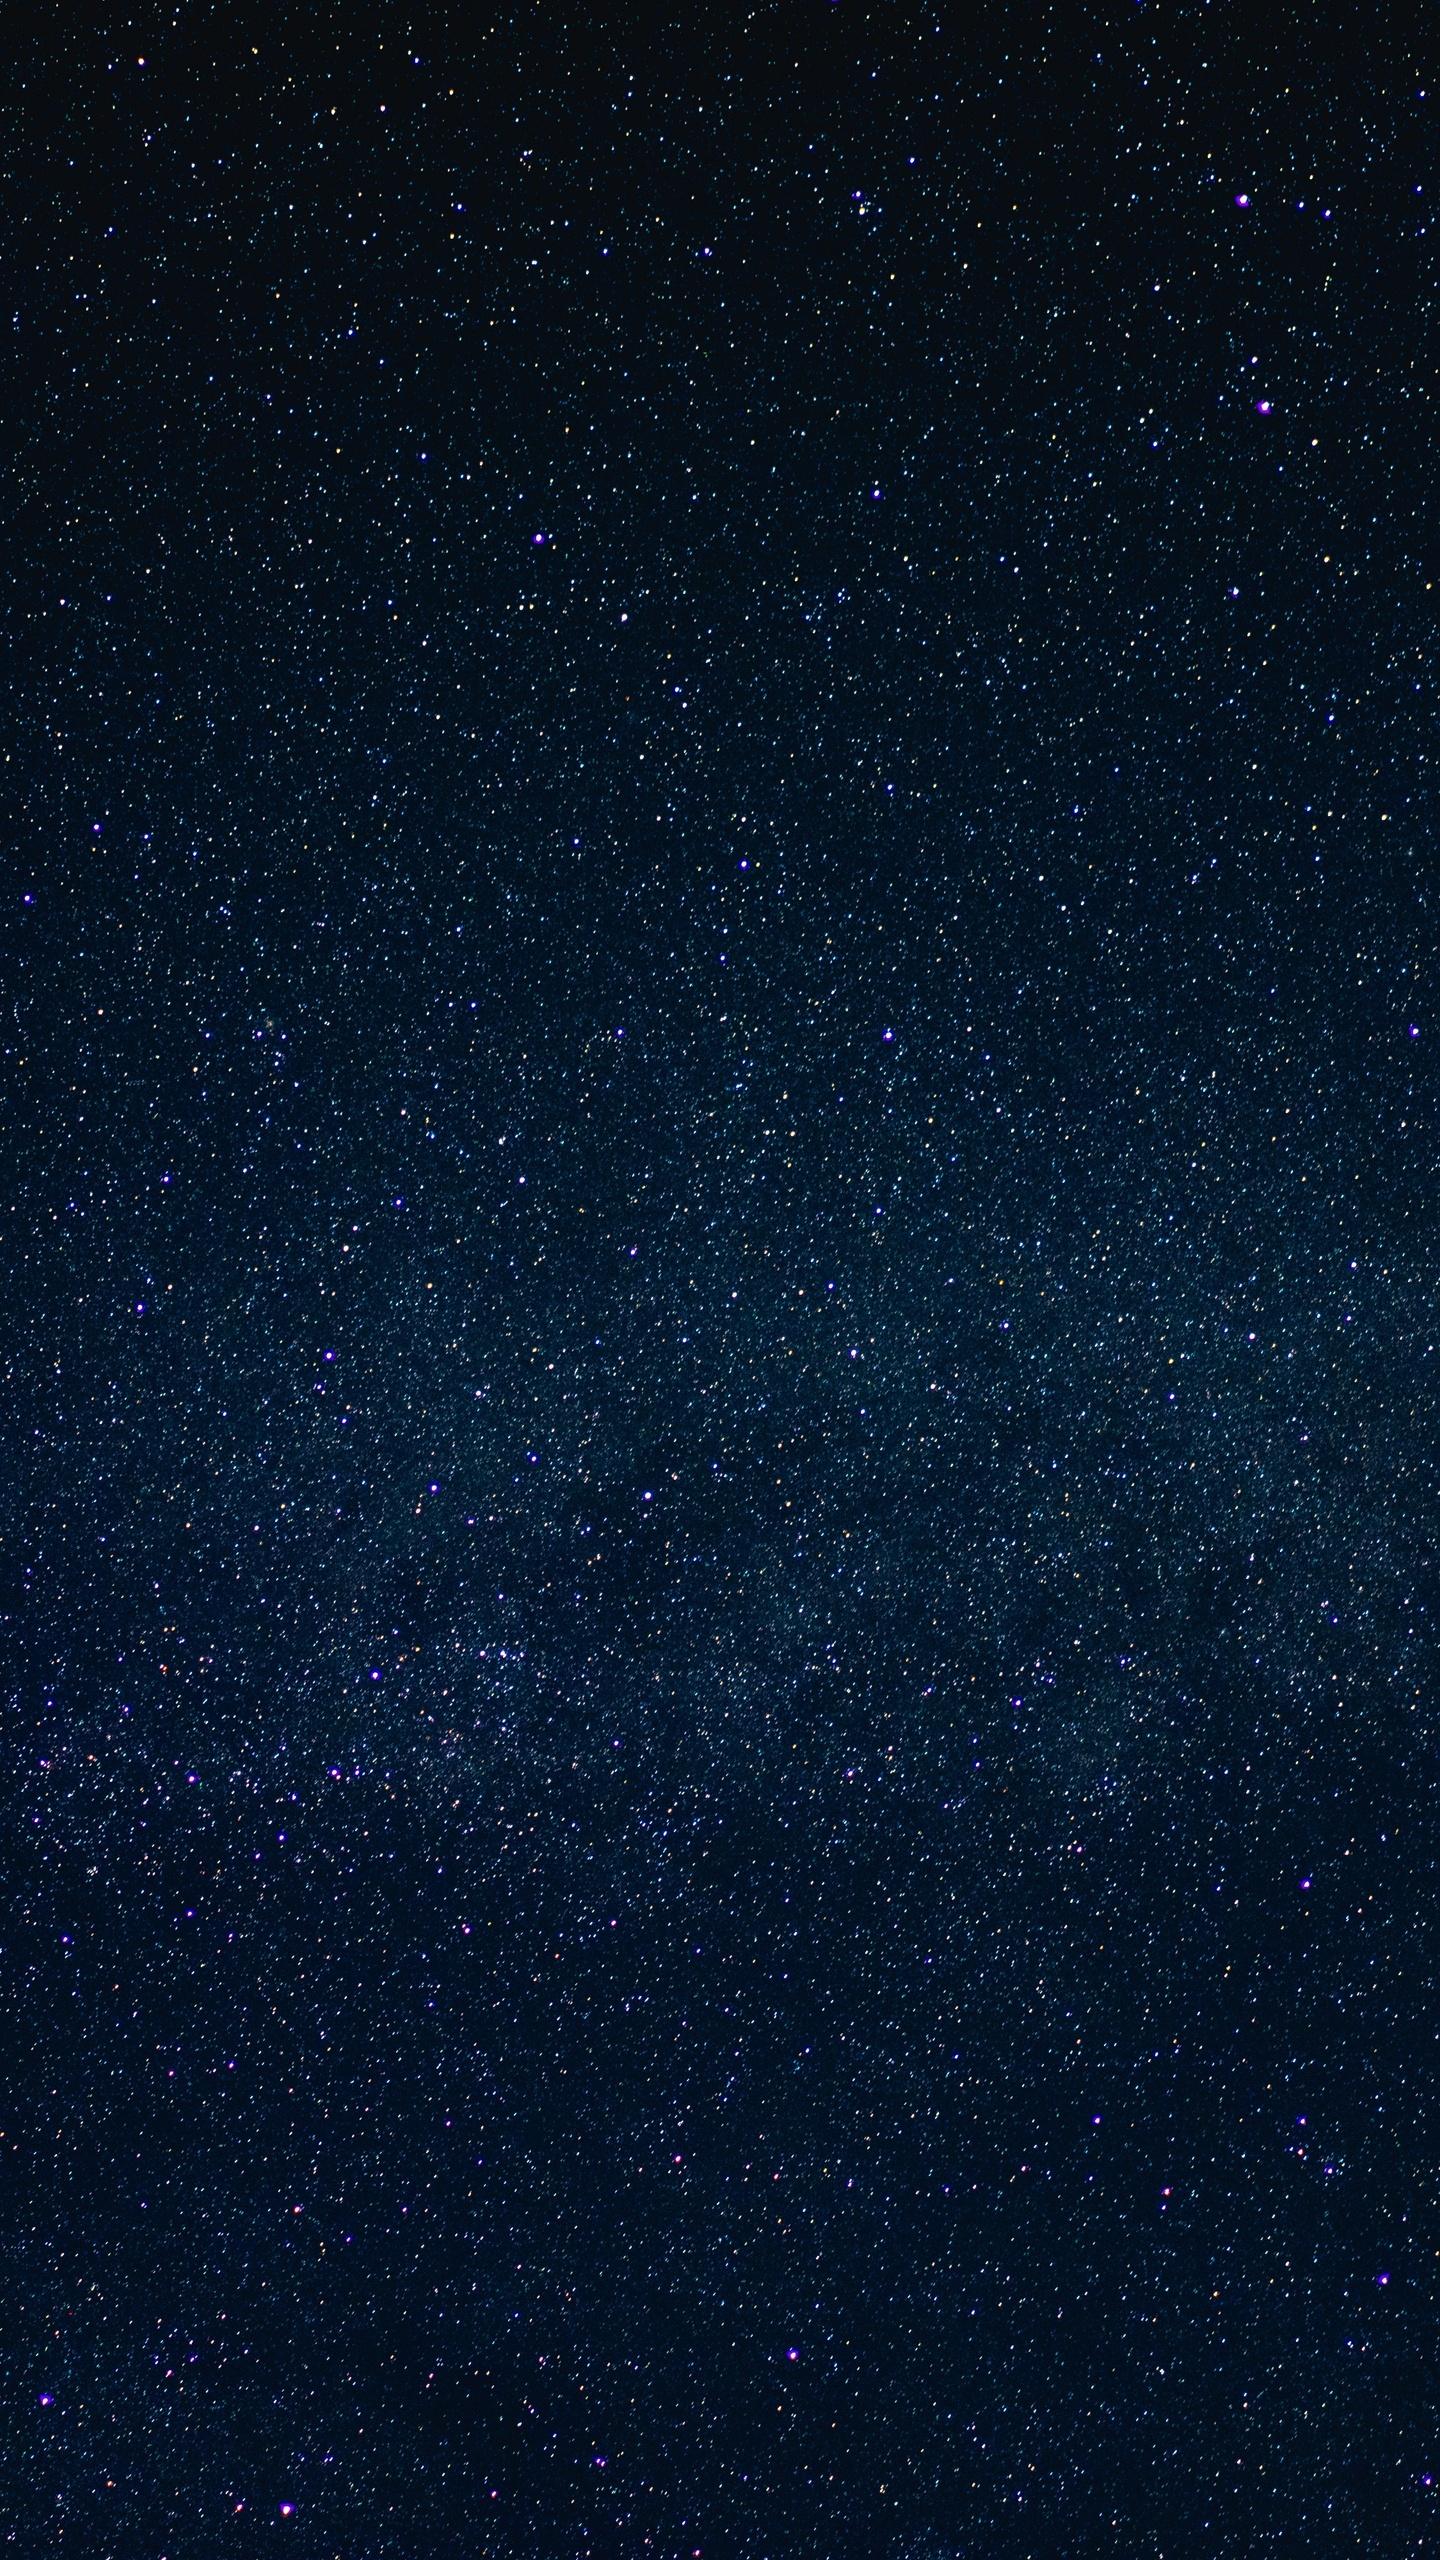 sky-full-of-stars-5k-b1.jpg